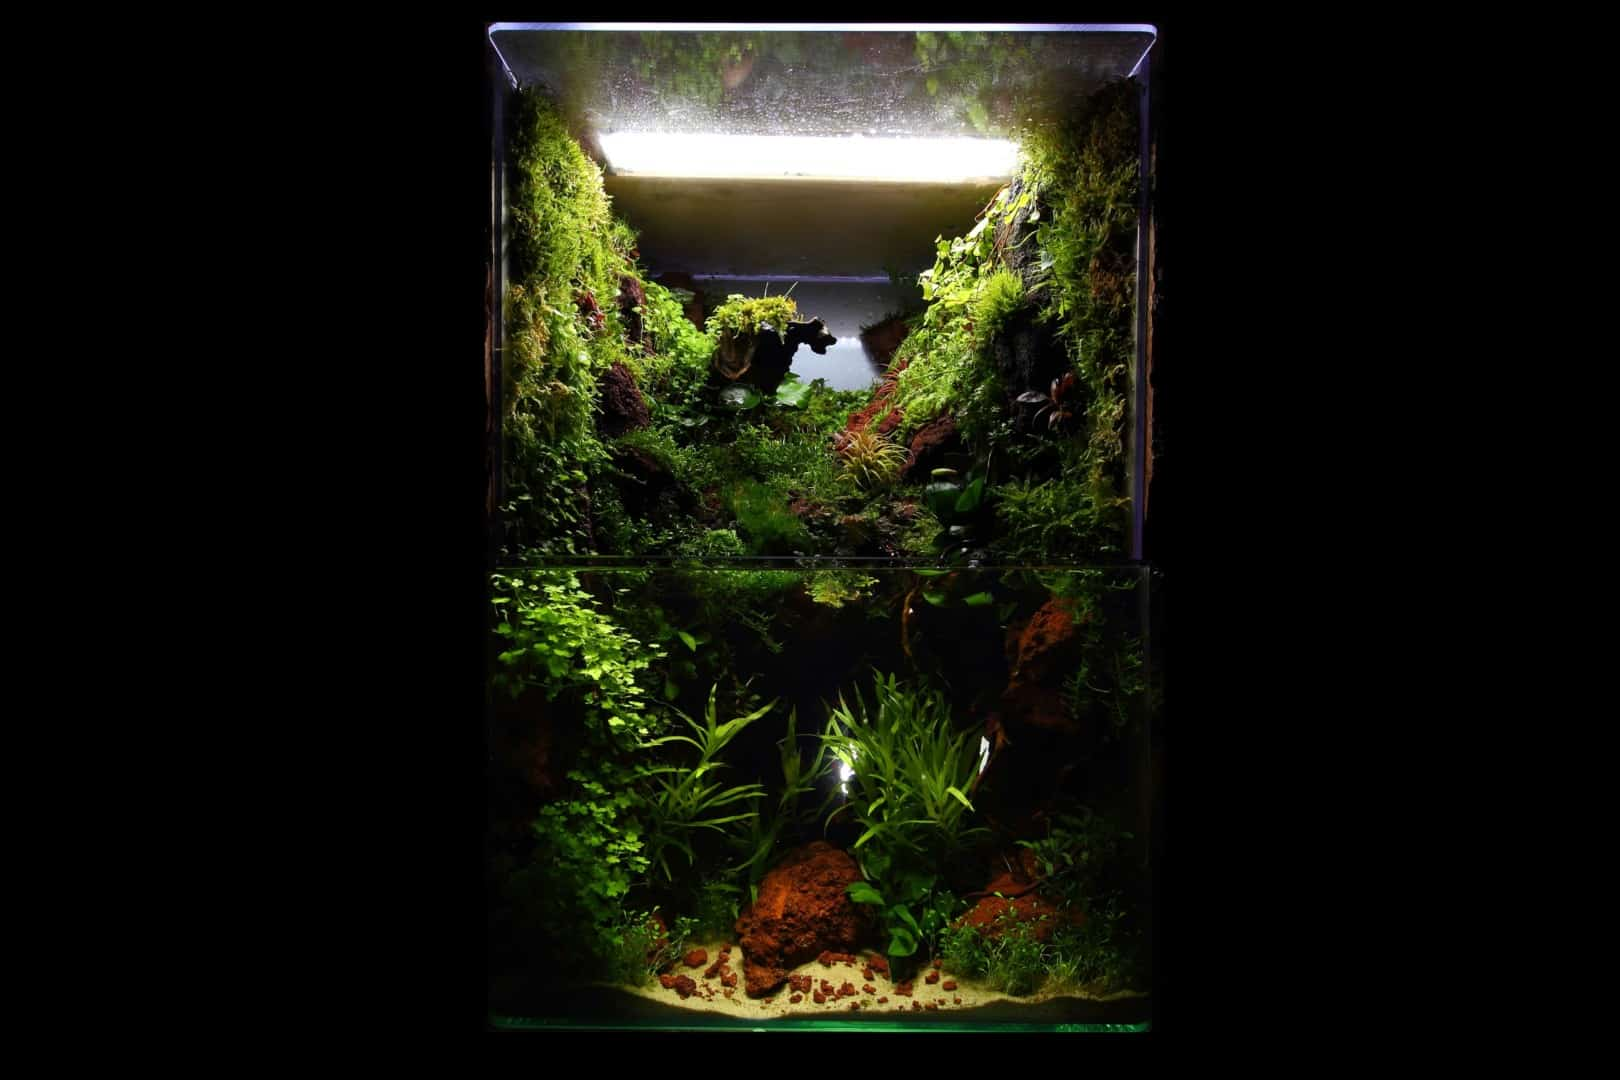 191 - The Art of the Planted Aquarium - Neuheiten und Möglichkeiten zum Mitmachen im April 2019 (Stefanie Hesse) 22